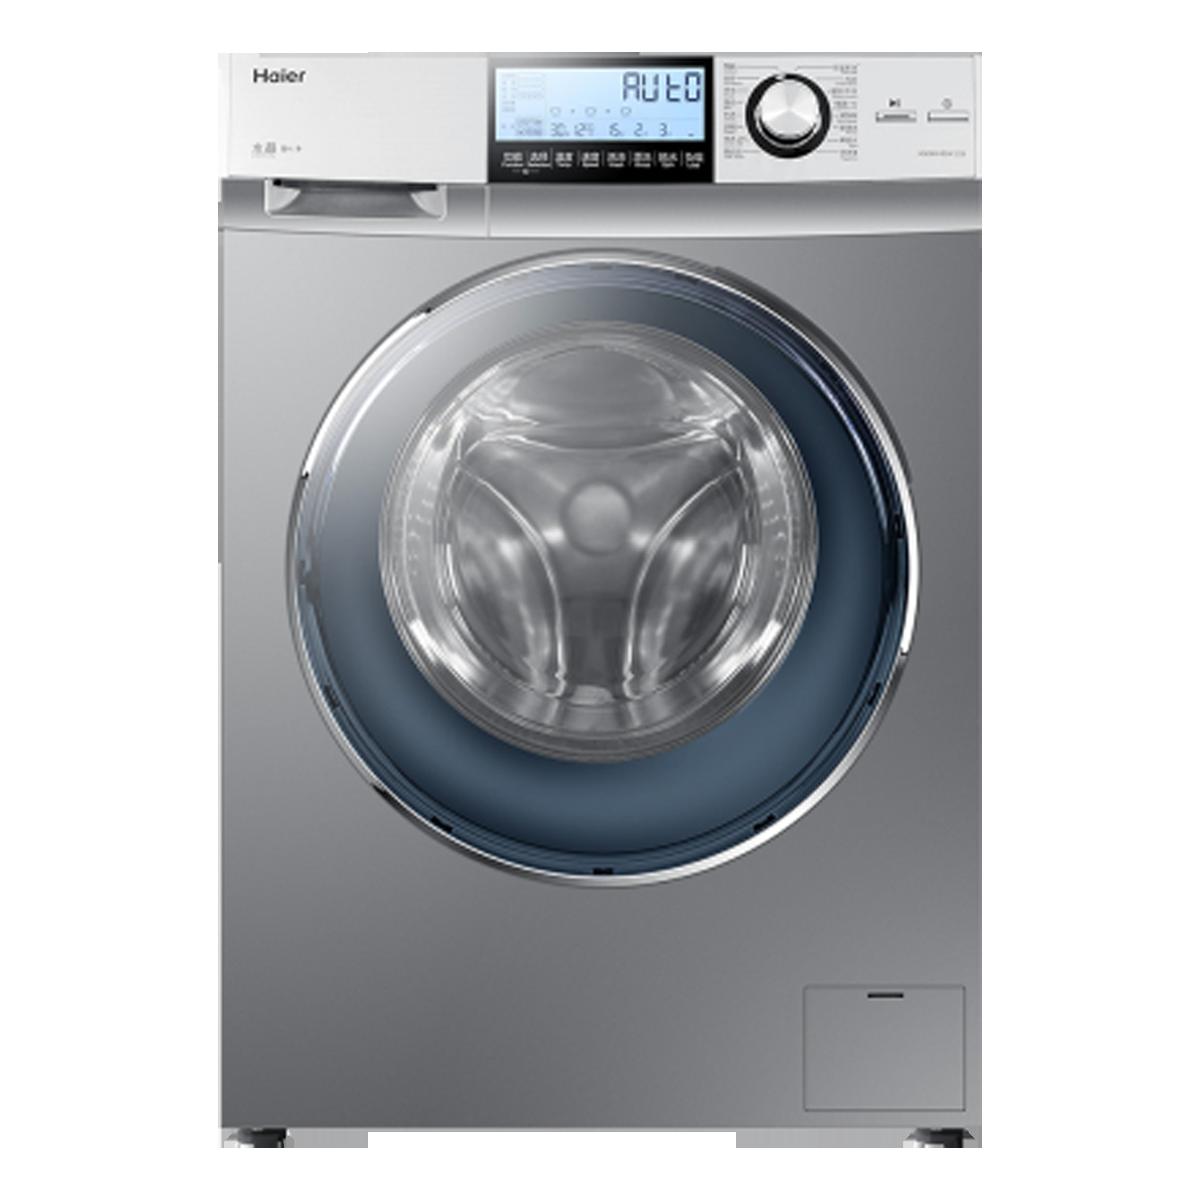 海尔Haier洗衣机 XQG80-BDX1228 说明书